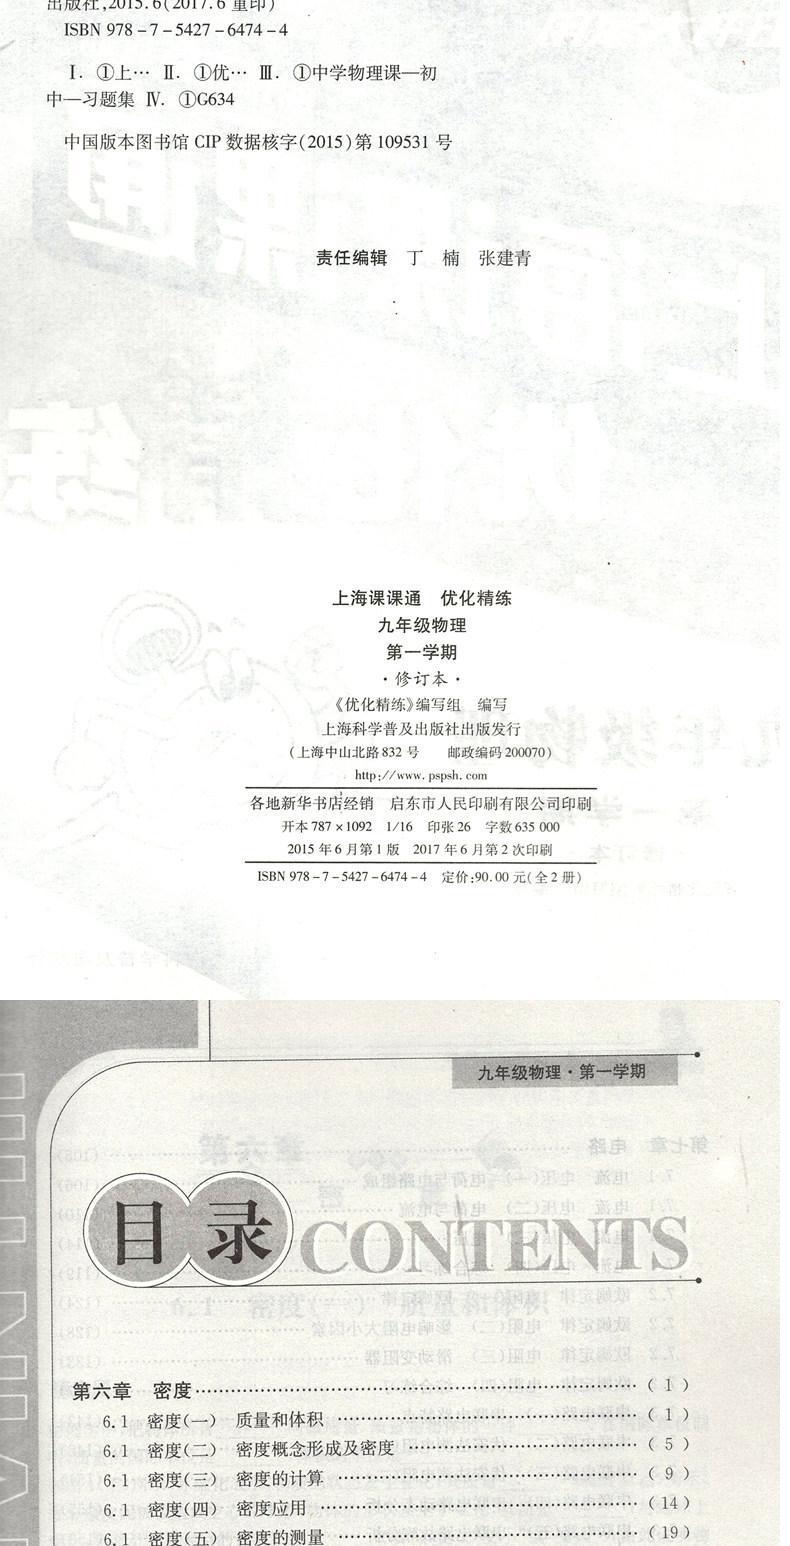 上海课课通优化精练 物理 九年级上/9年级第一学期 二期课改新教材修订本 9年级物理习题集 初中物理课 上海科学普及出版社商品详情图